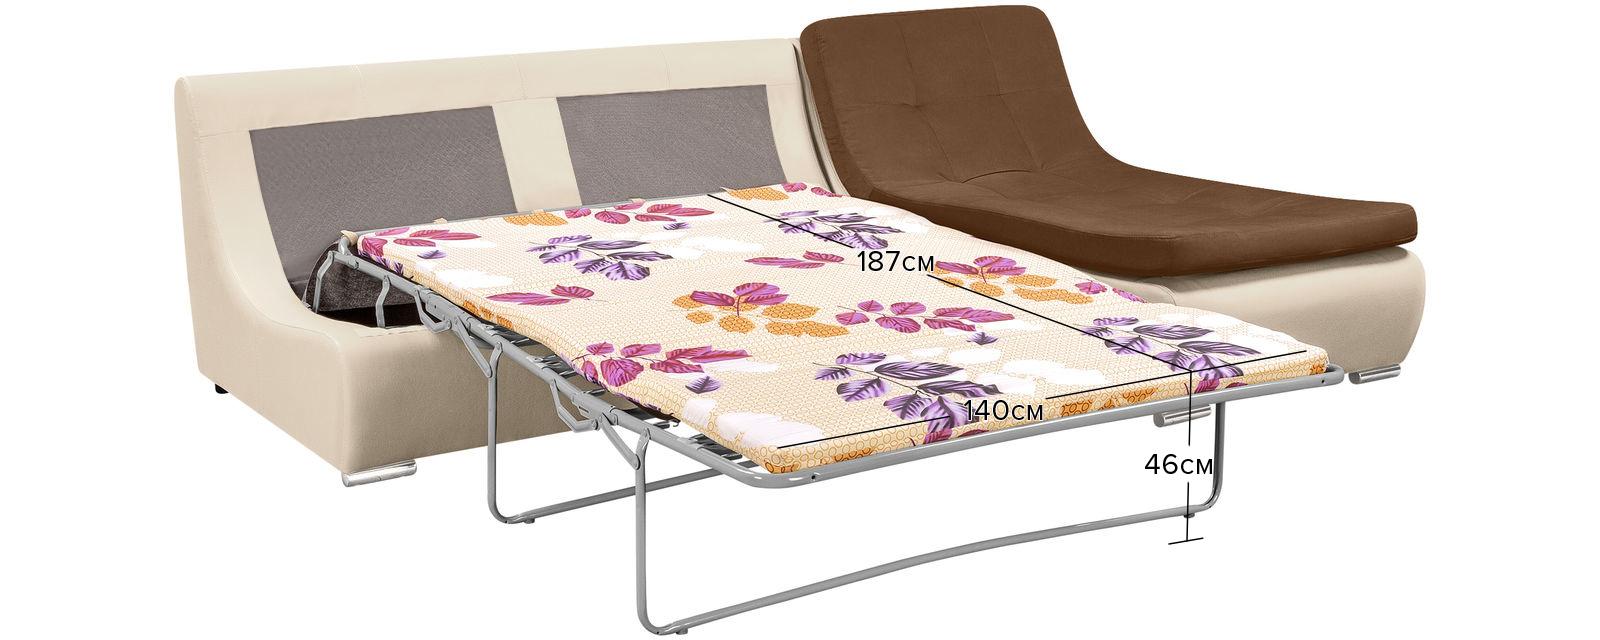 Модульный диван Лос-Анджелес Velure коричневый Вариант 1 (Велюр + Экокожа) от HomeMe.ru